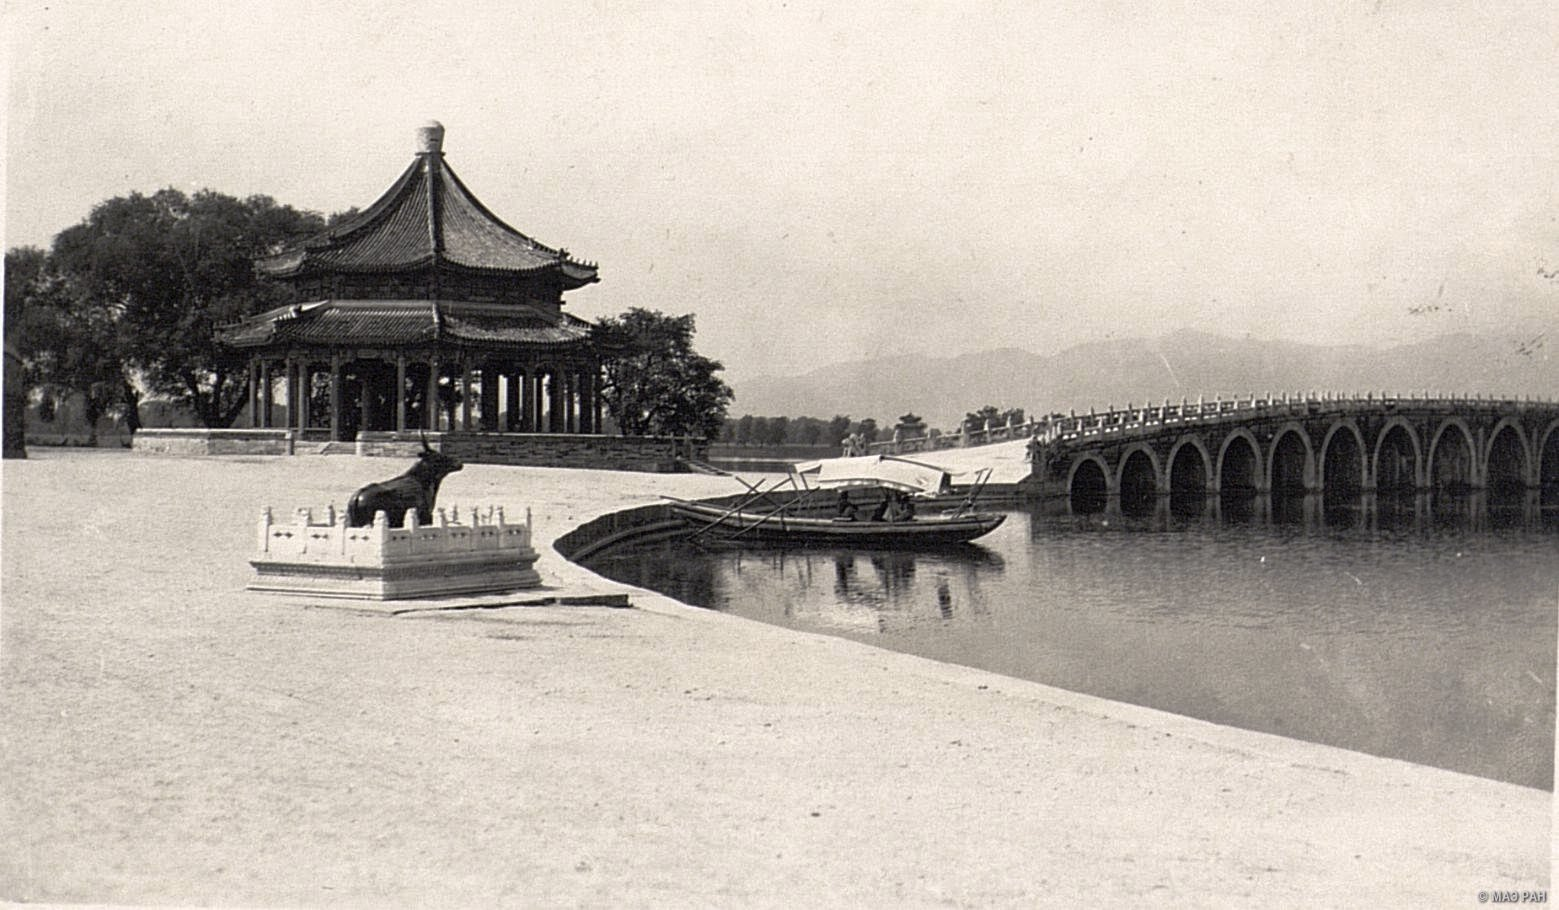 Вид на иператорский парк и летний дворец в окрестностях Пекина. Мост. Бронзовый буйвол